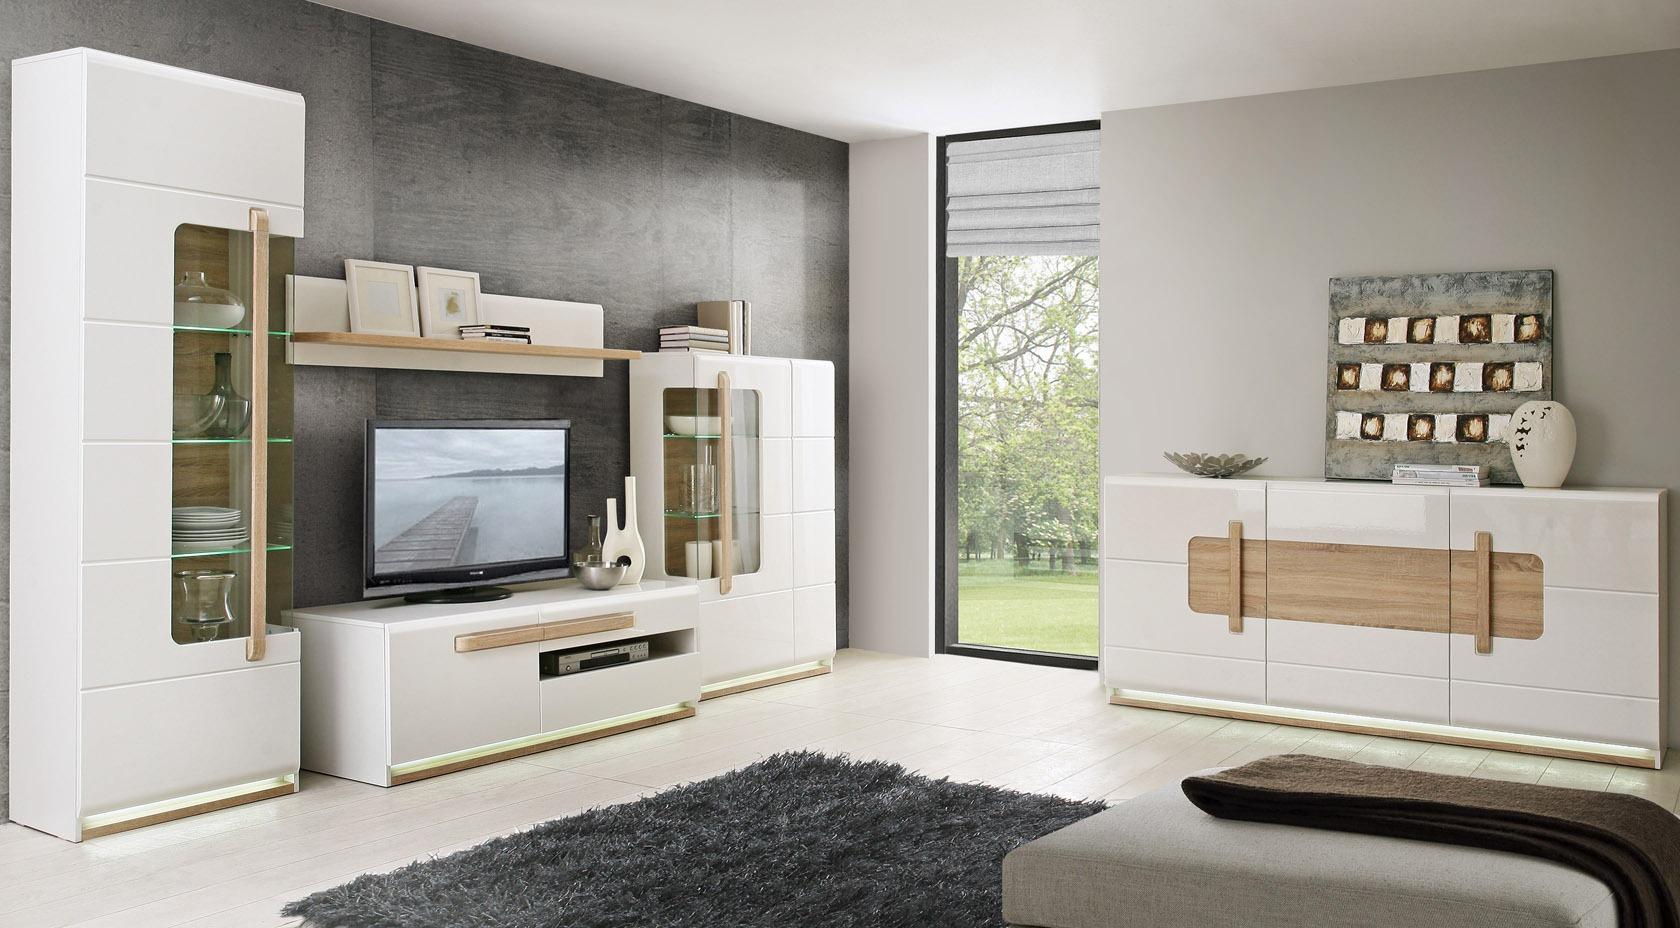 Bahut 3 portes blanc - Sensation